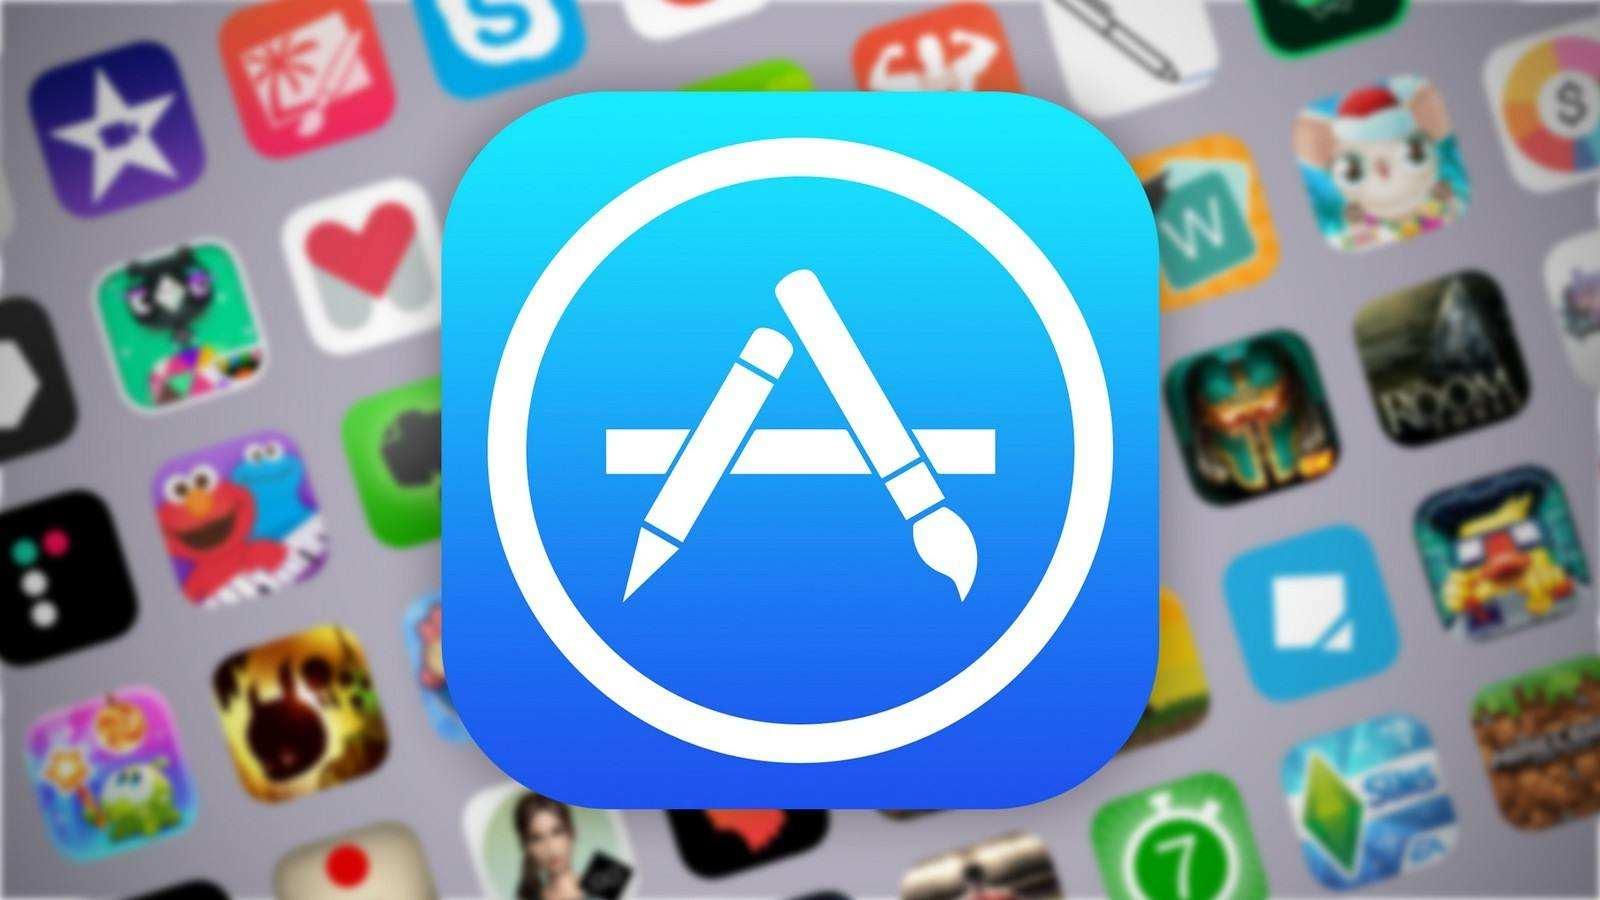 苹果公司更新AppStore审查指南:限制儿童应用第三方广告